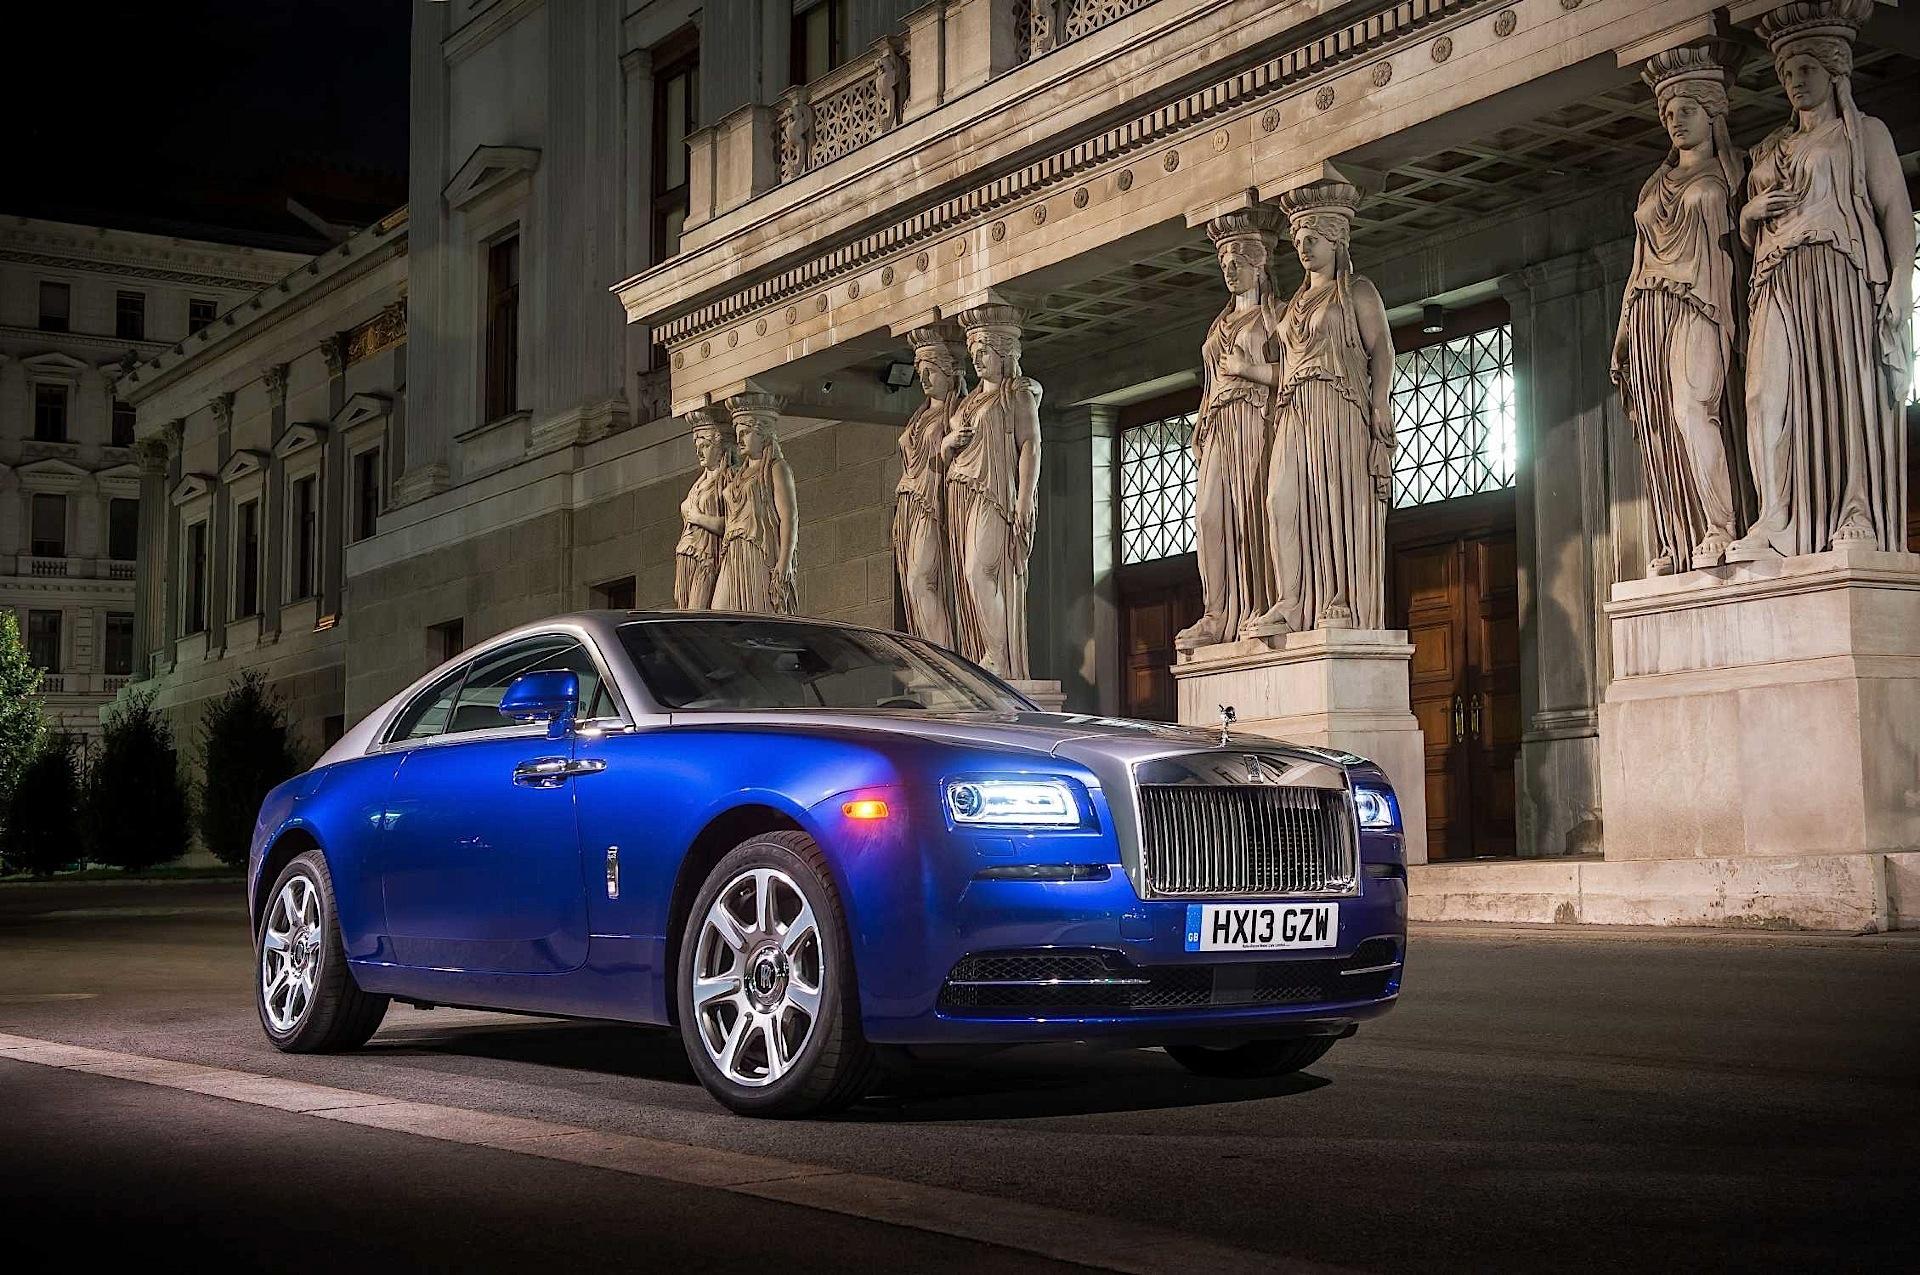 Rolls Royce Wraith Dimensions Exterior Rolls-royce Wraith